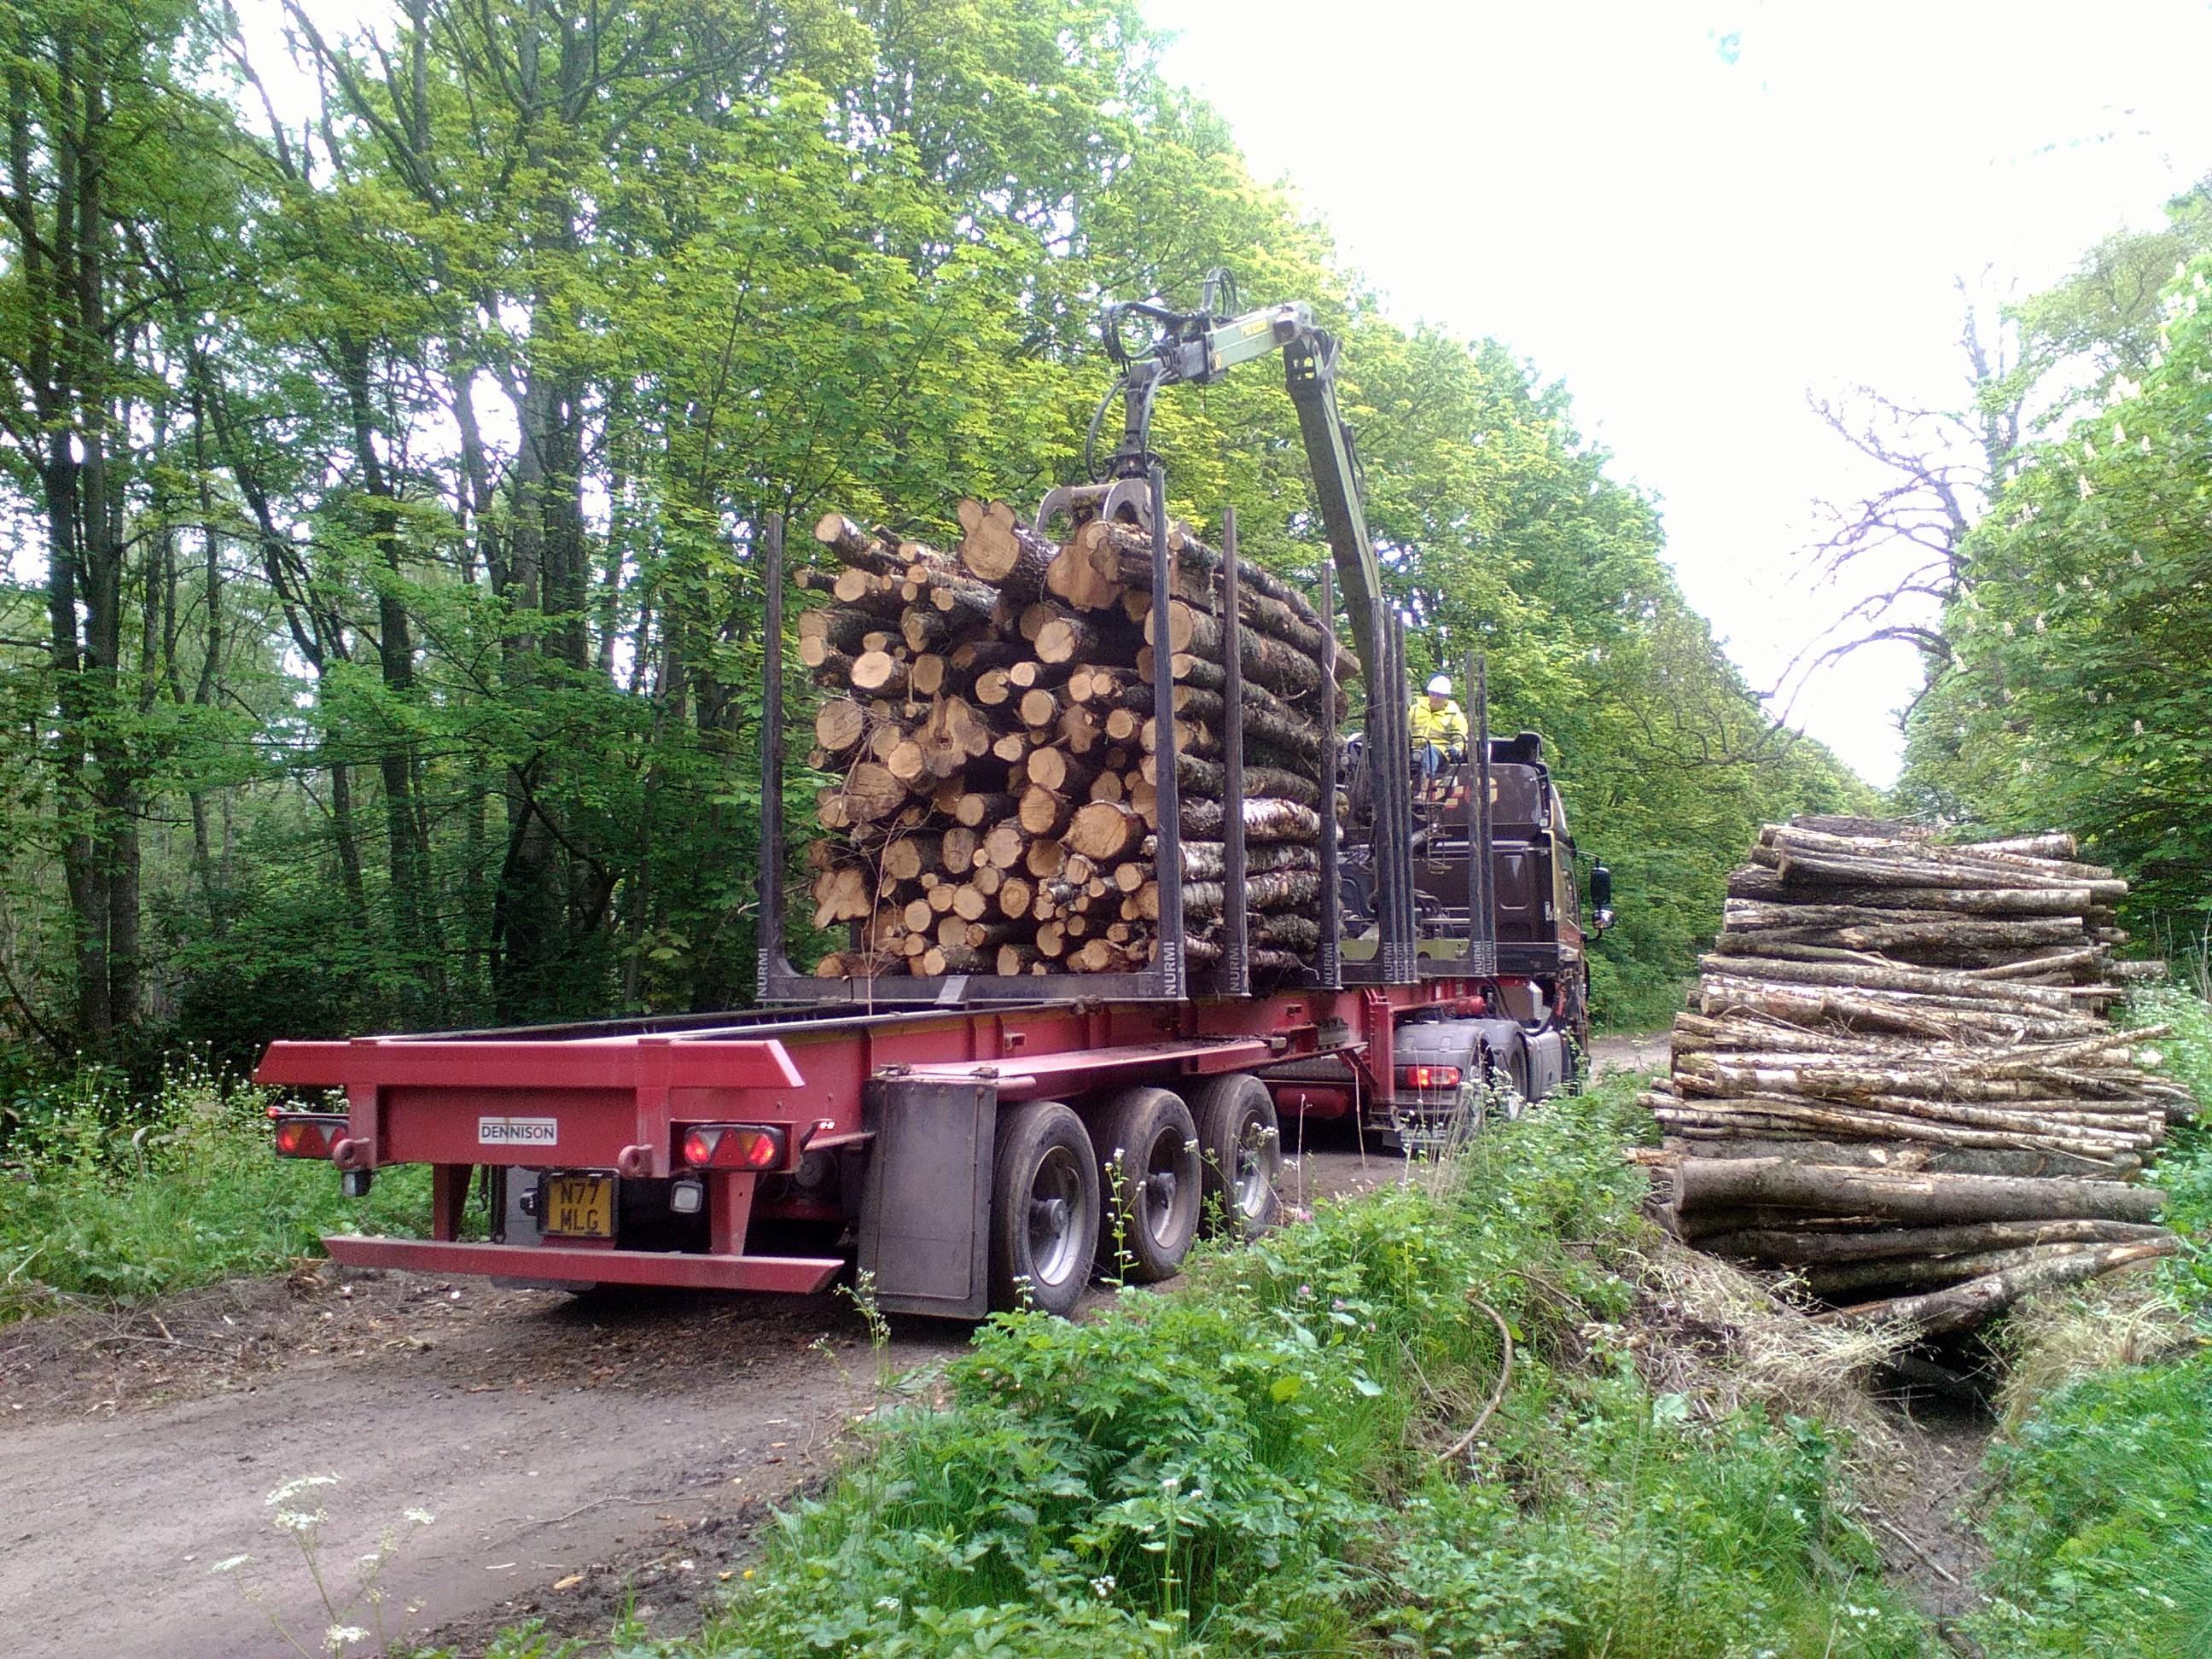 Loading hardwood